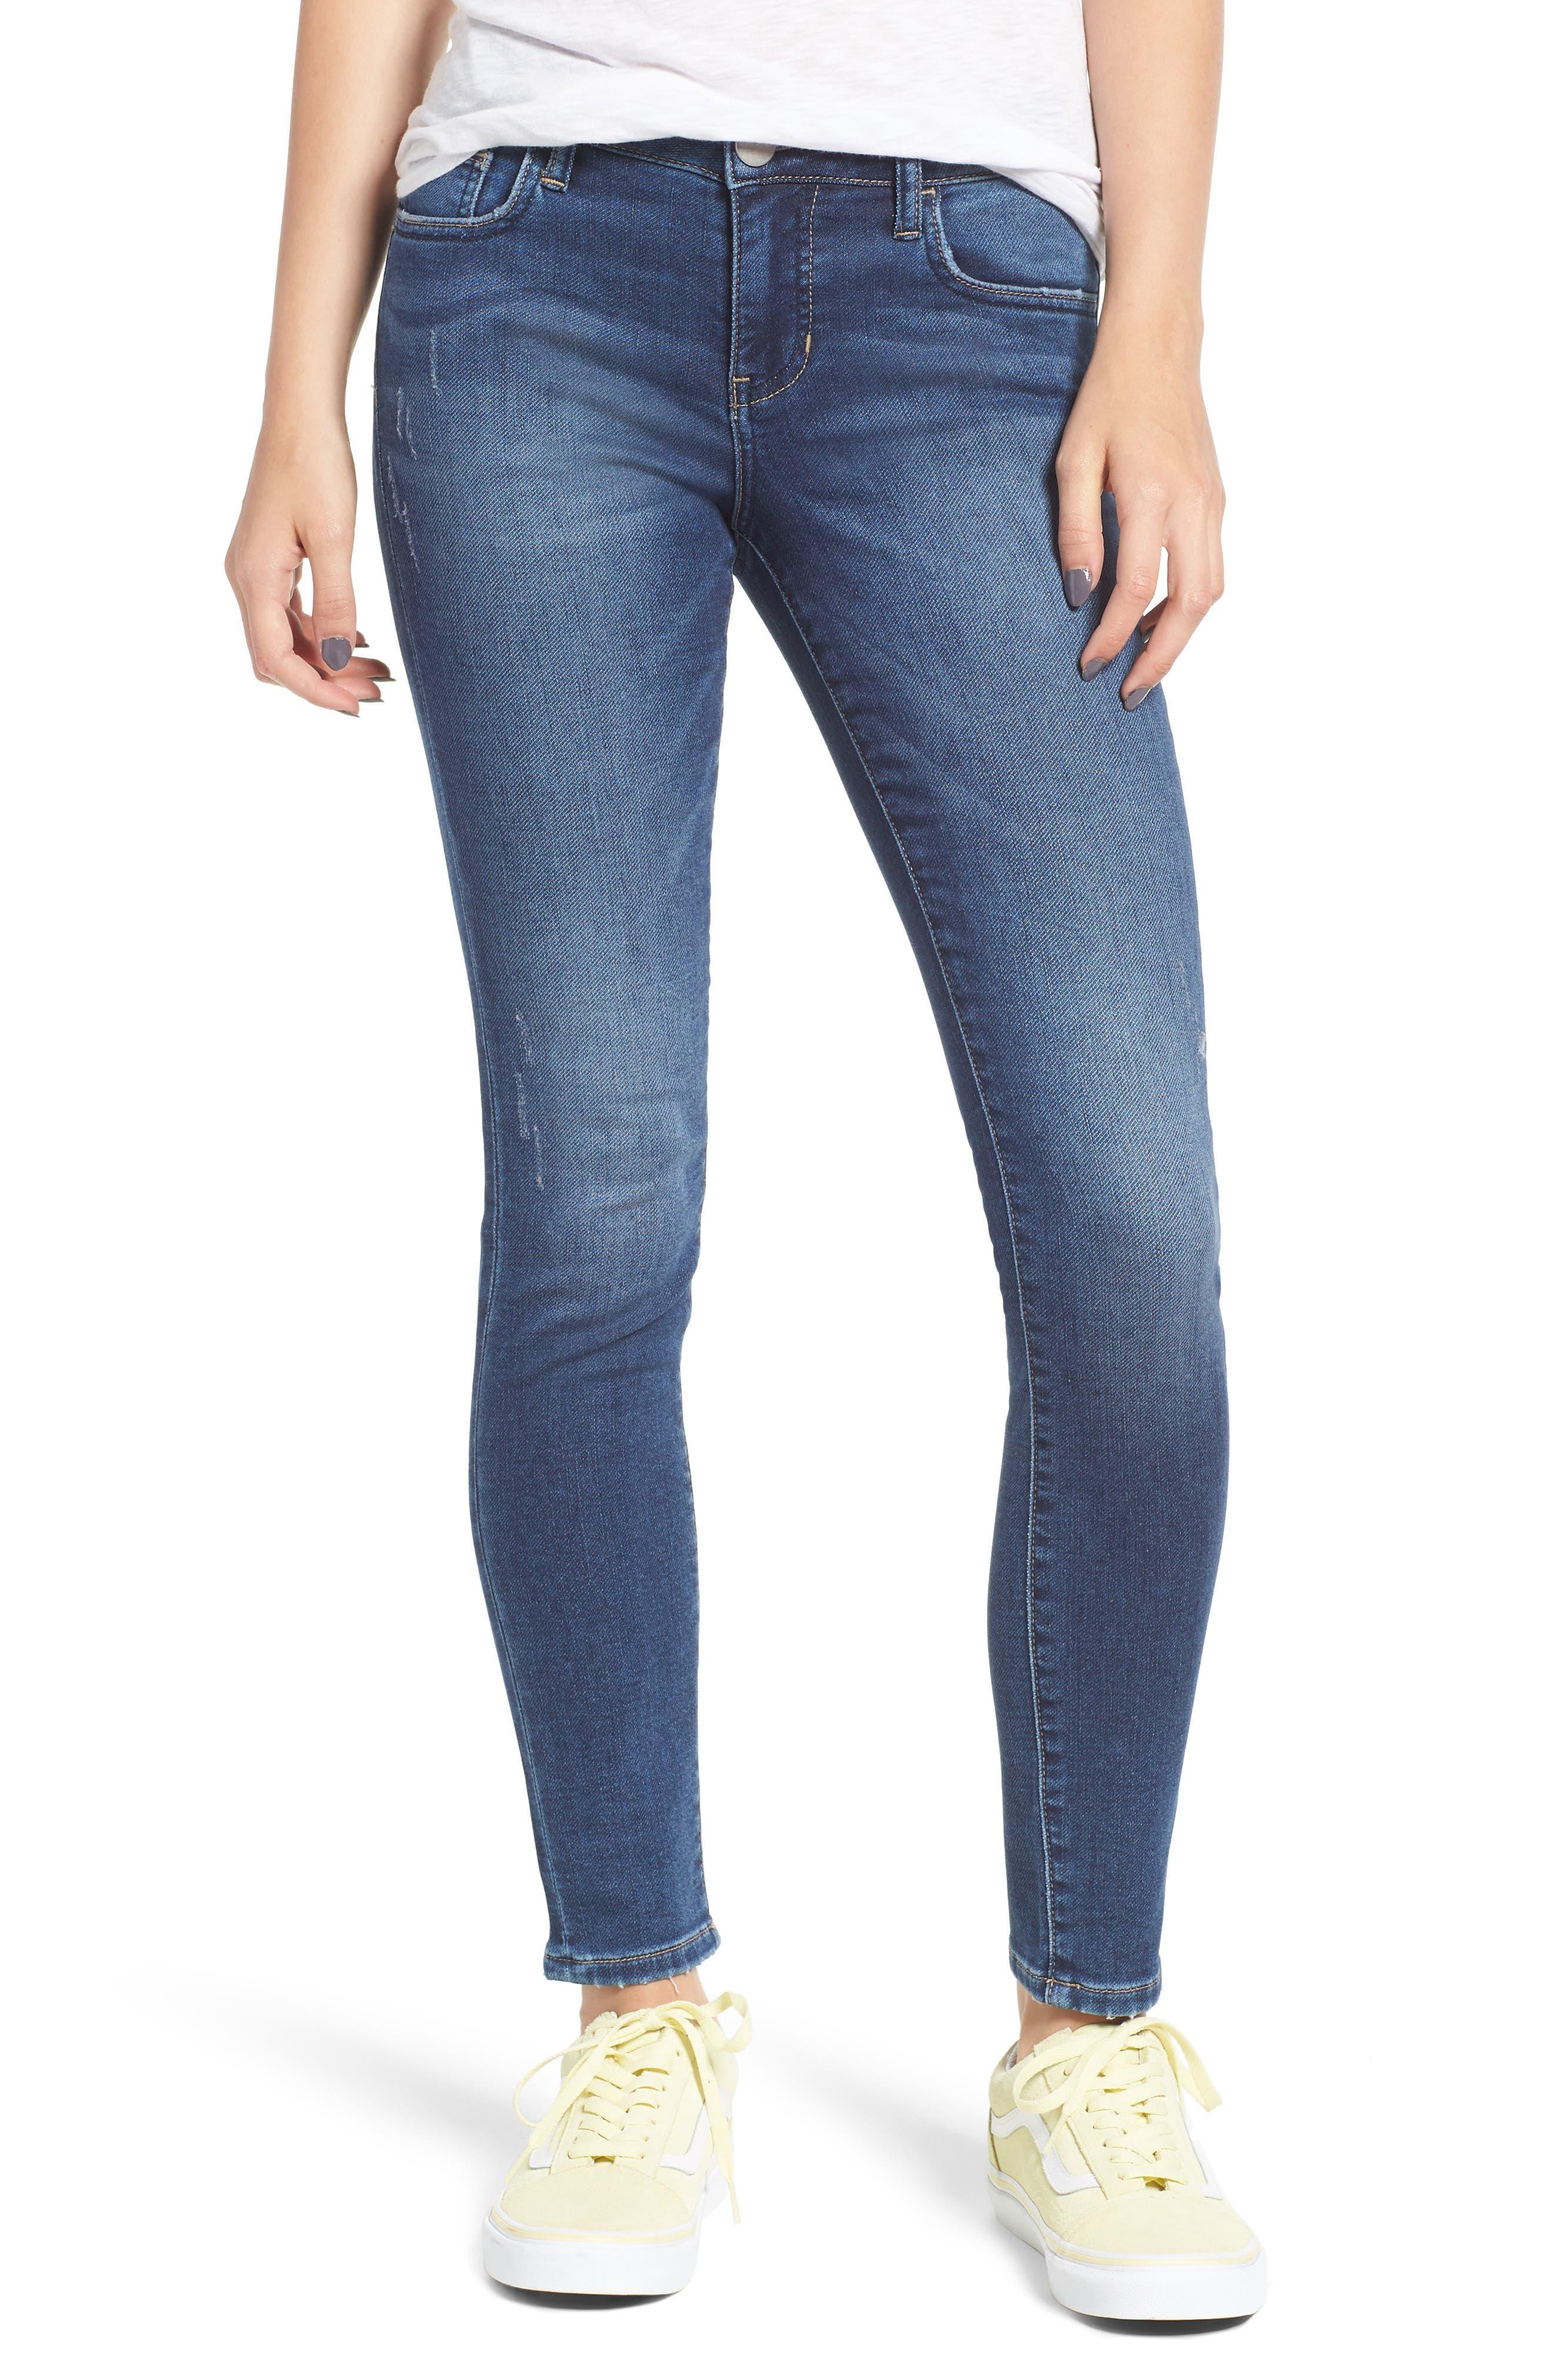 PROSPERITY DENIM Skinny Jeans, Main, color, DARK